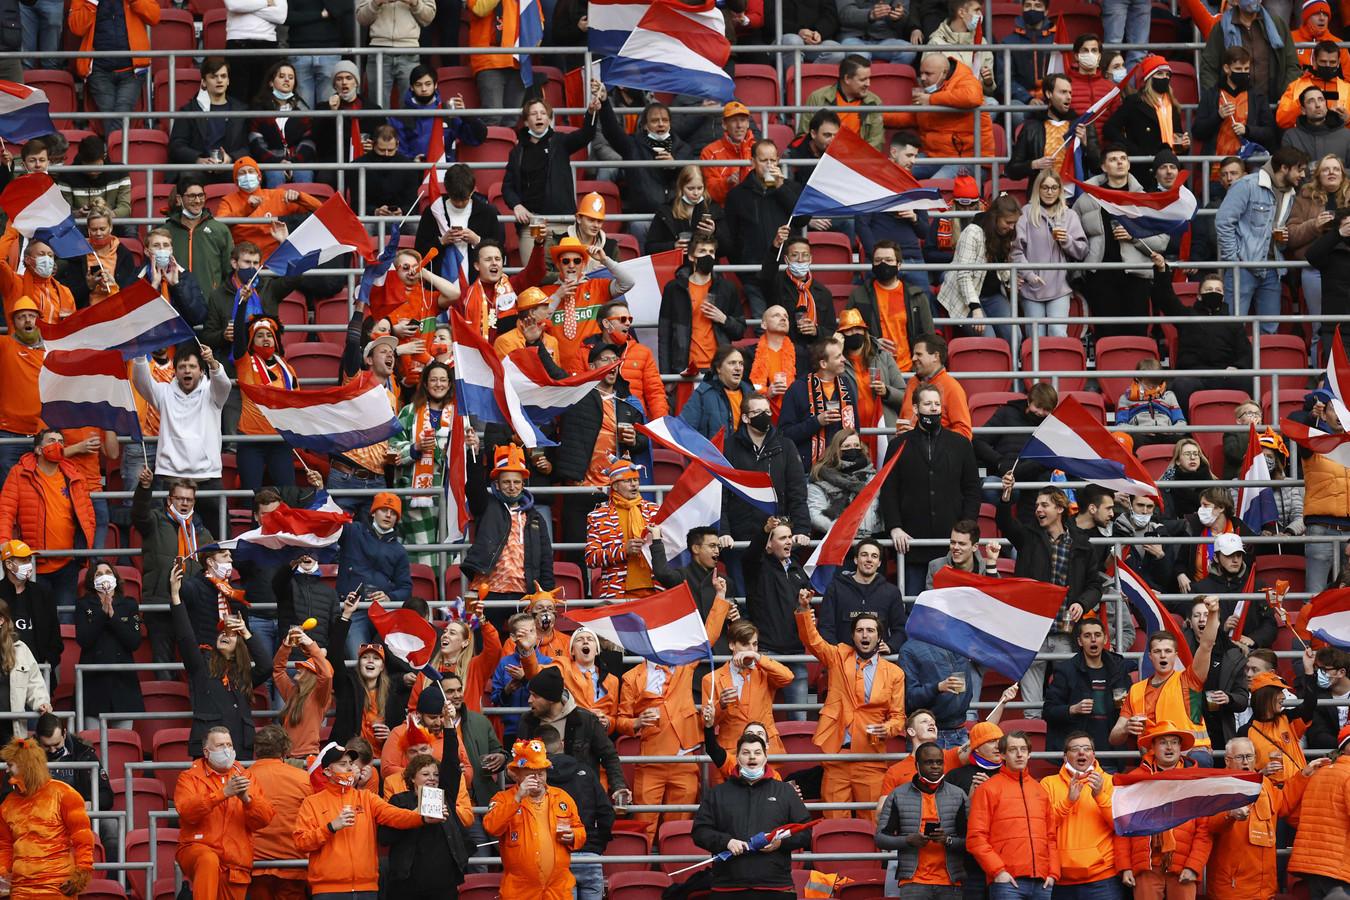 Supporters tijdens de WK-kwalificatie wedstrijd tussen Nederland en letland in de Johan Cruijff Arena op 27 maart in Amsterdam.